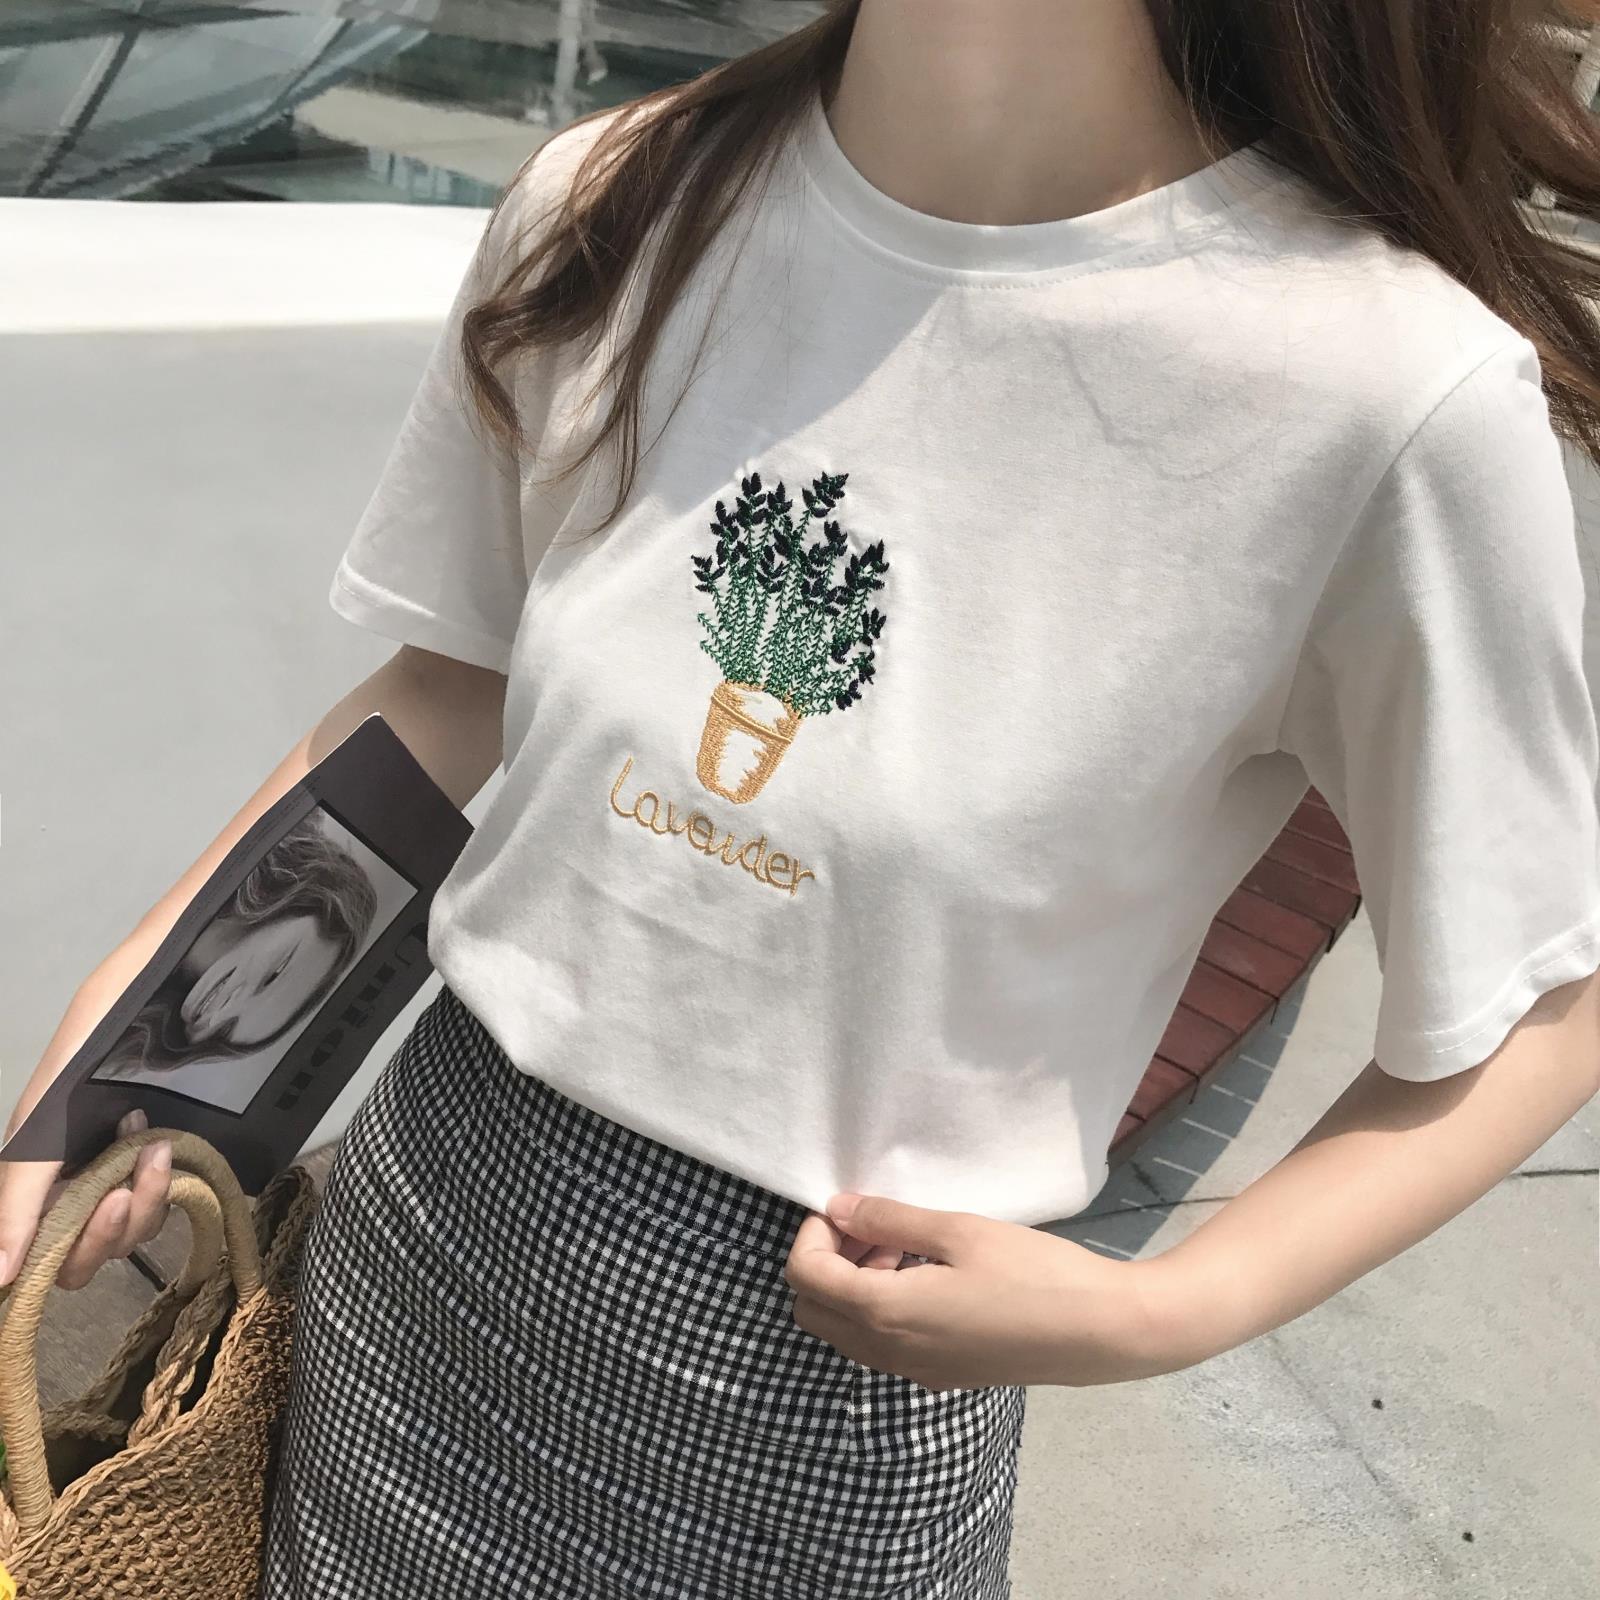 2017 Sommer Nette Blume Bestickt Weiß Lose Baumwolle Casual Kurzarm Weibliche T-shirts Chinesische Aromen Besitzen